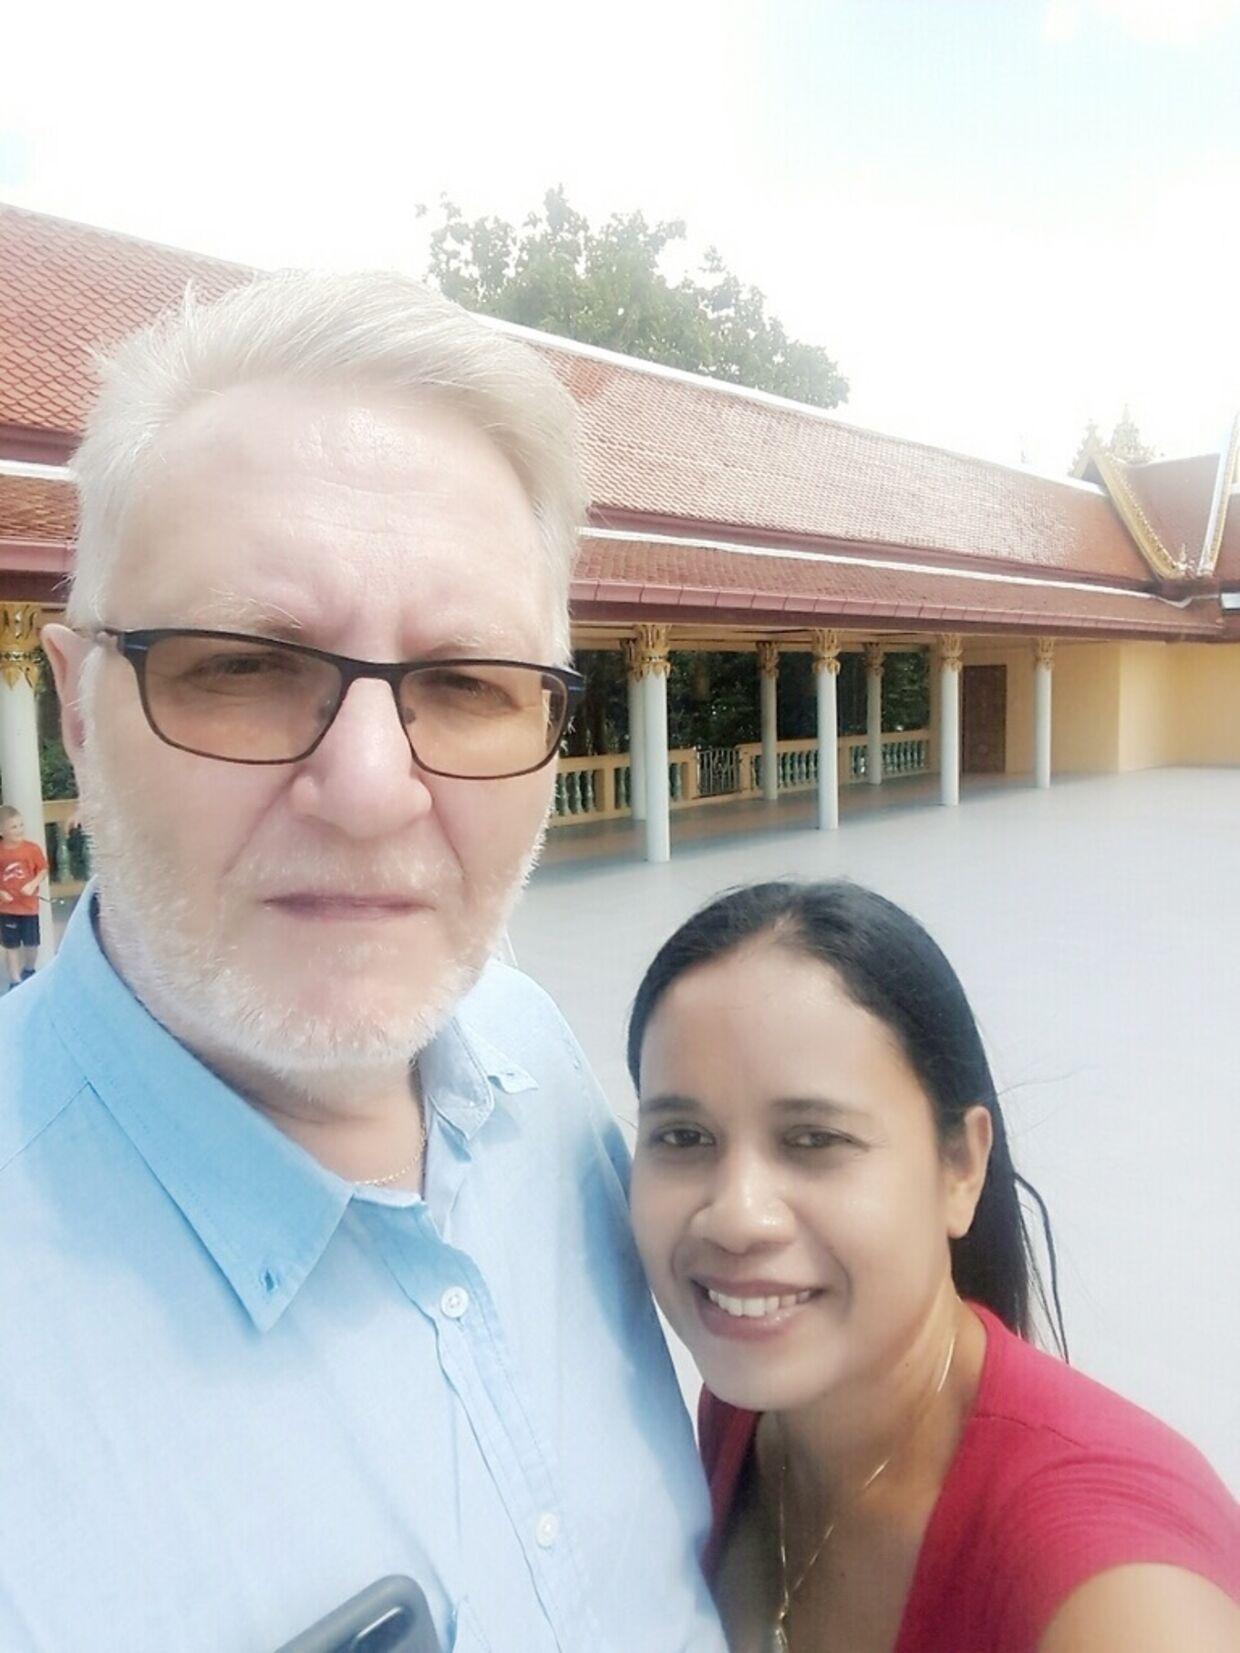 Geert Clemmensen og kæresten Somsri Sae-Law.